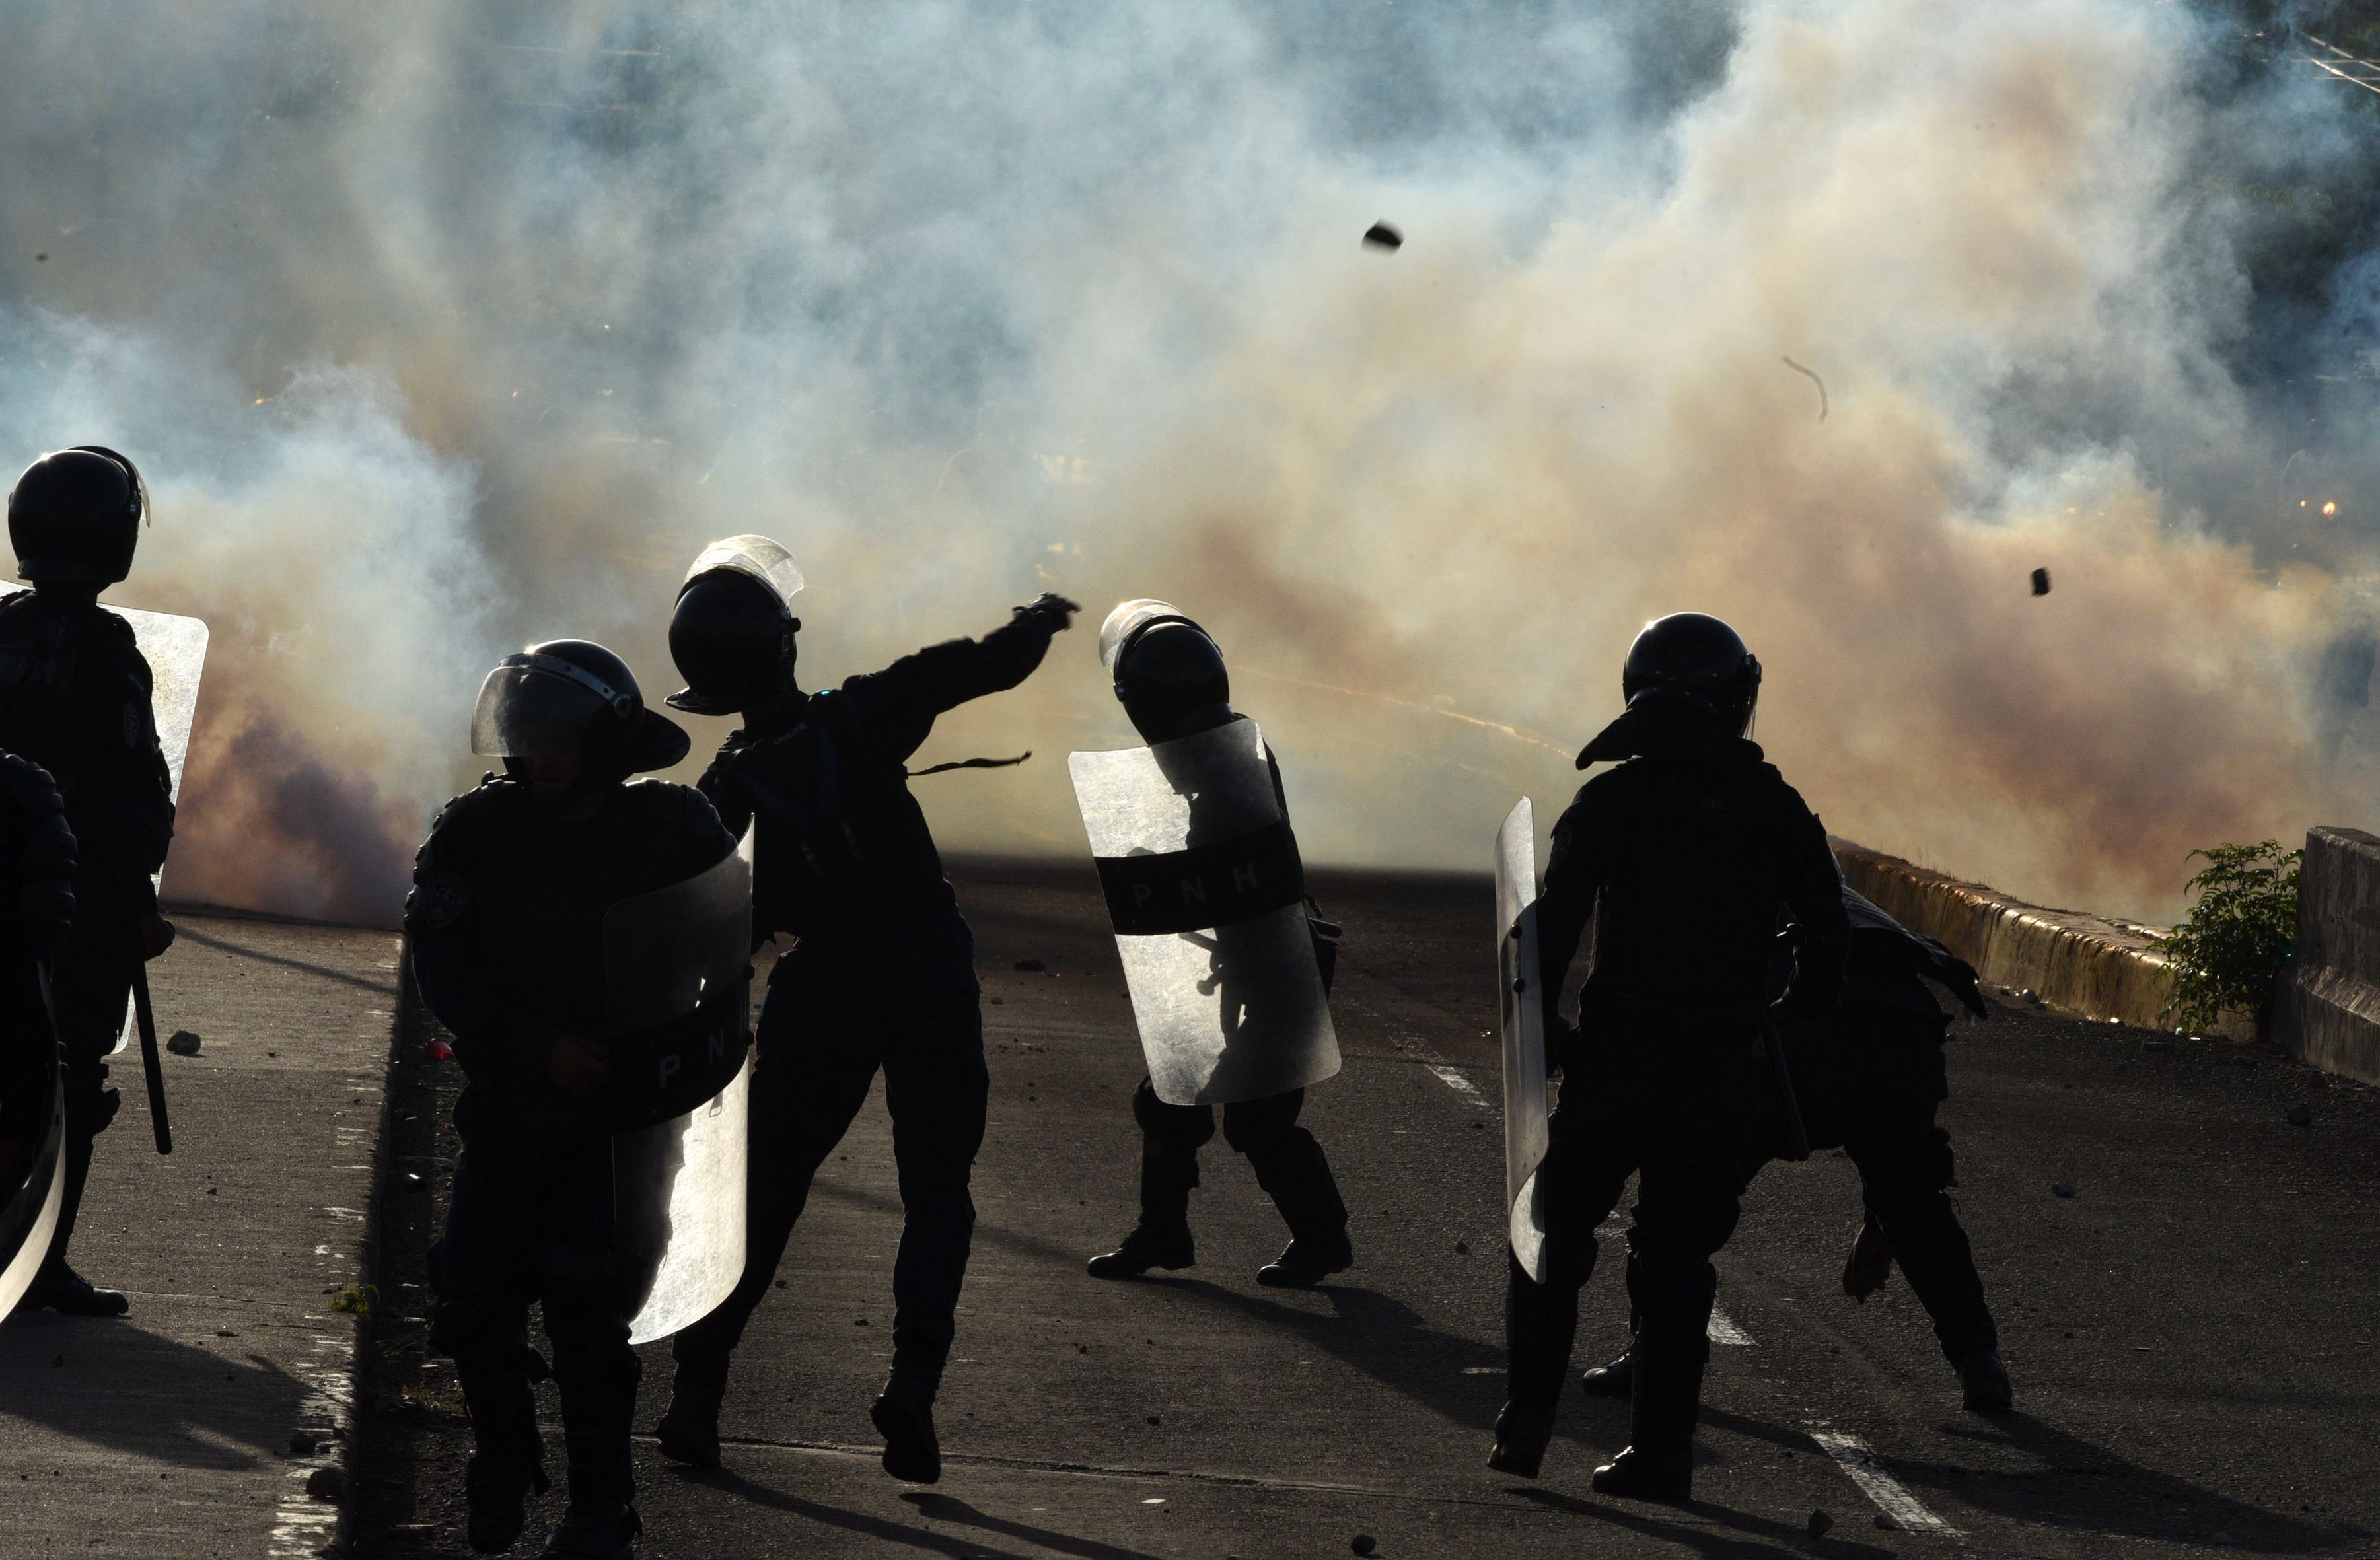 الشرطة تقذف المحتجين بالحجارة